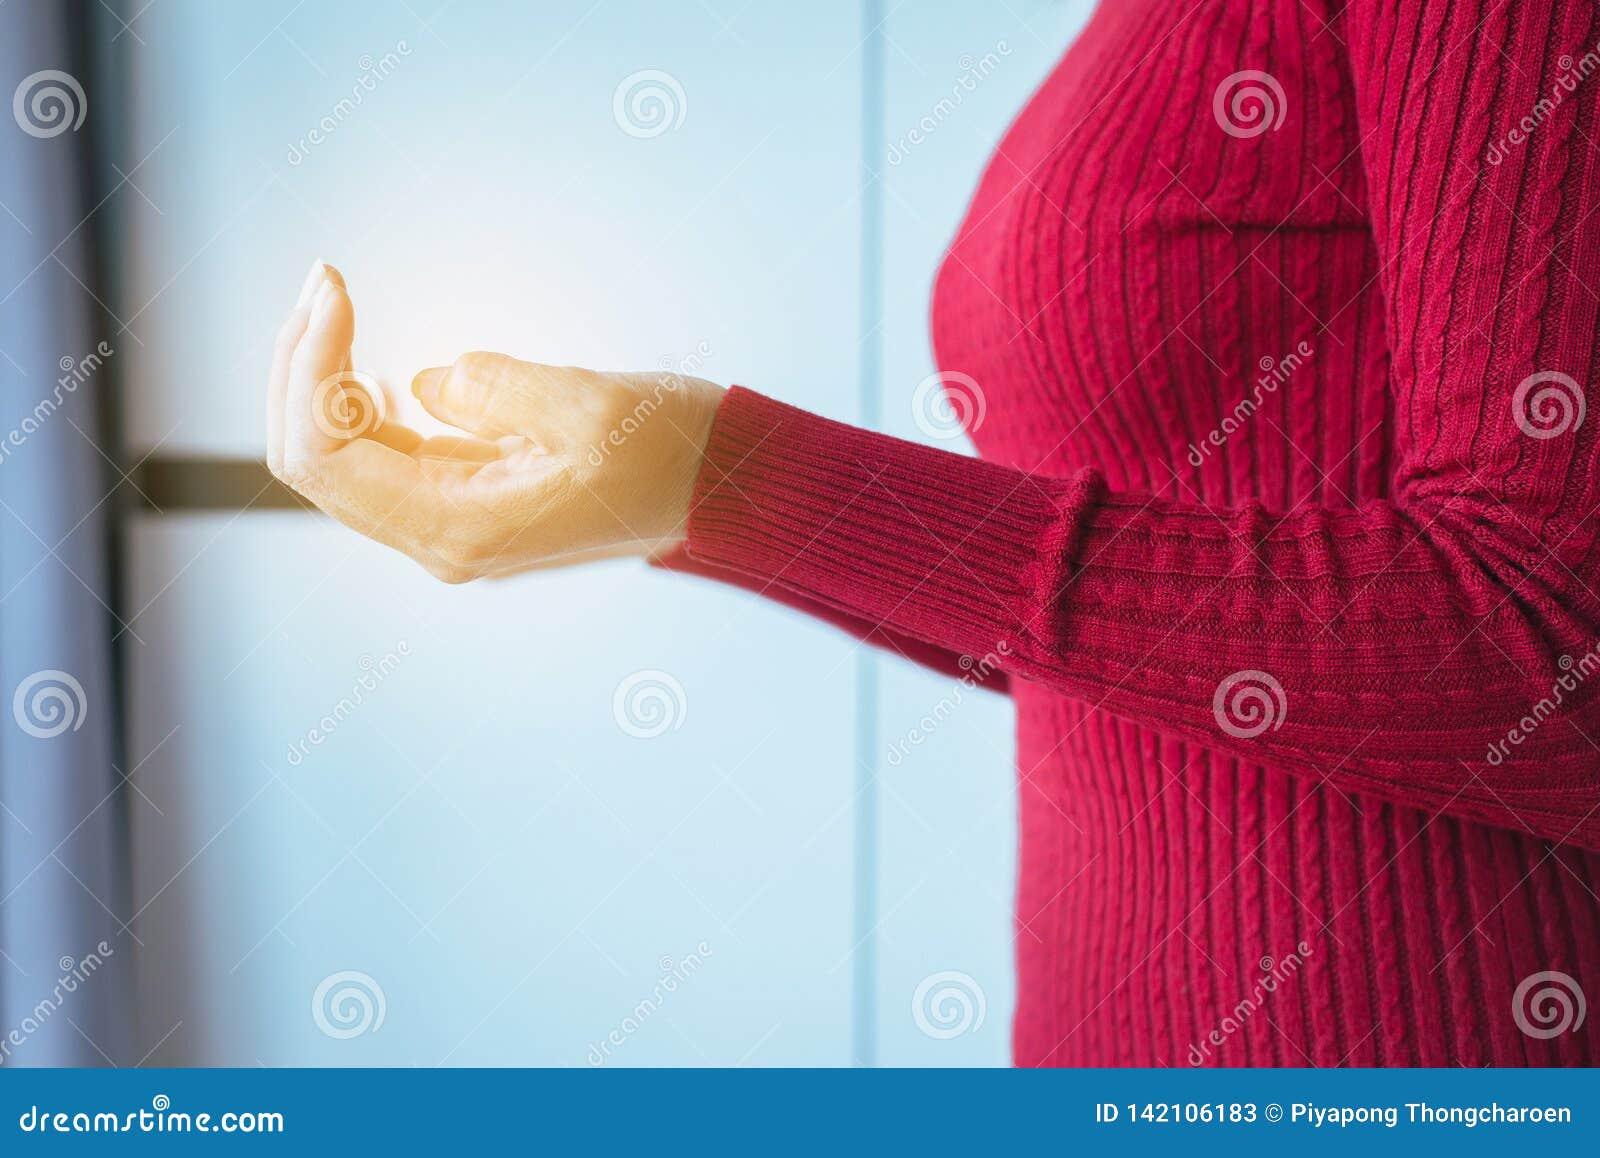 Femmes de main avec la position de prière, mains femelles de prière pour quelque chose, fin